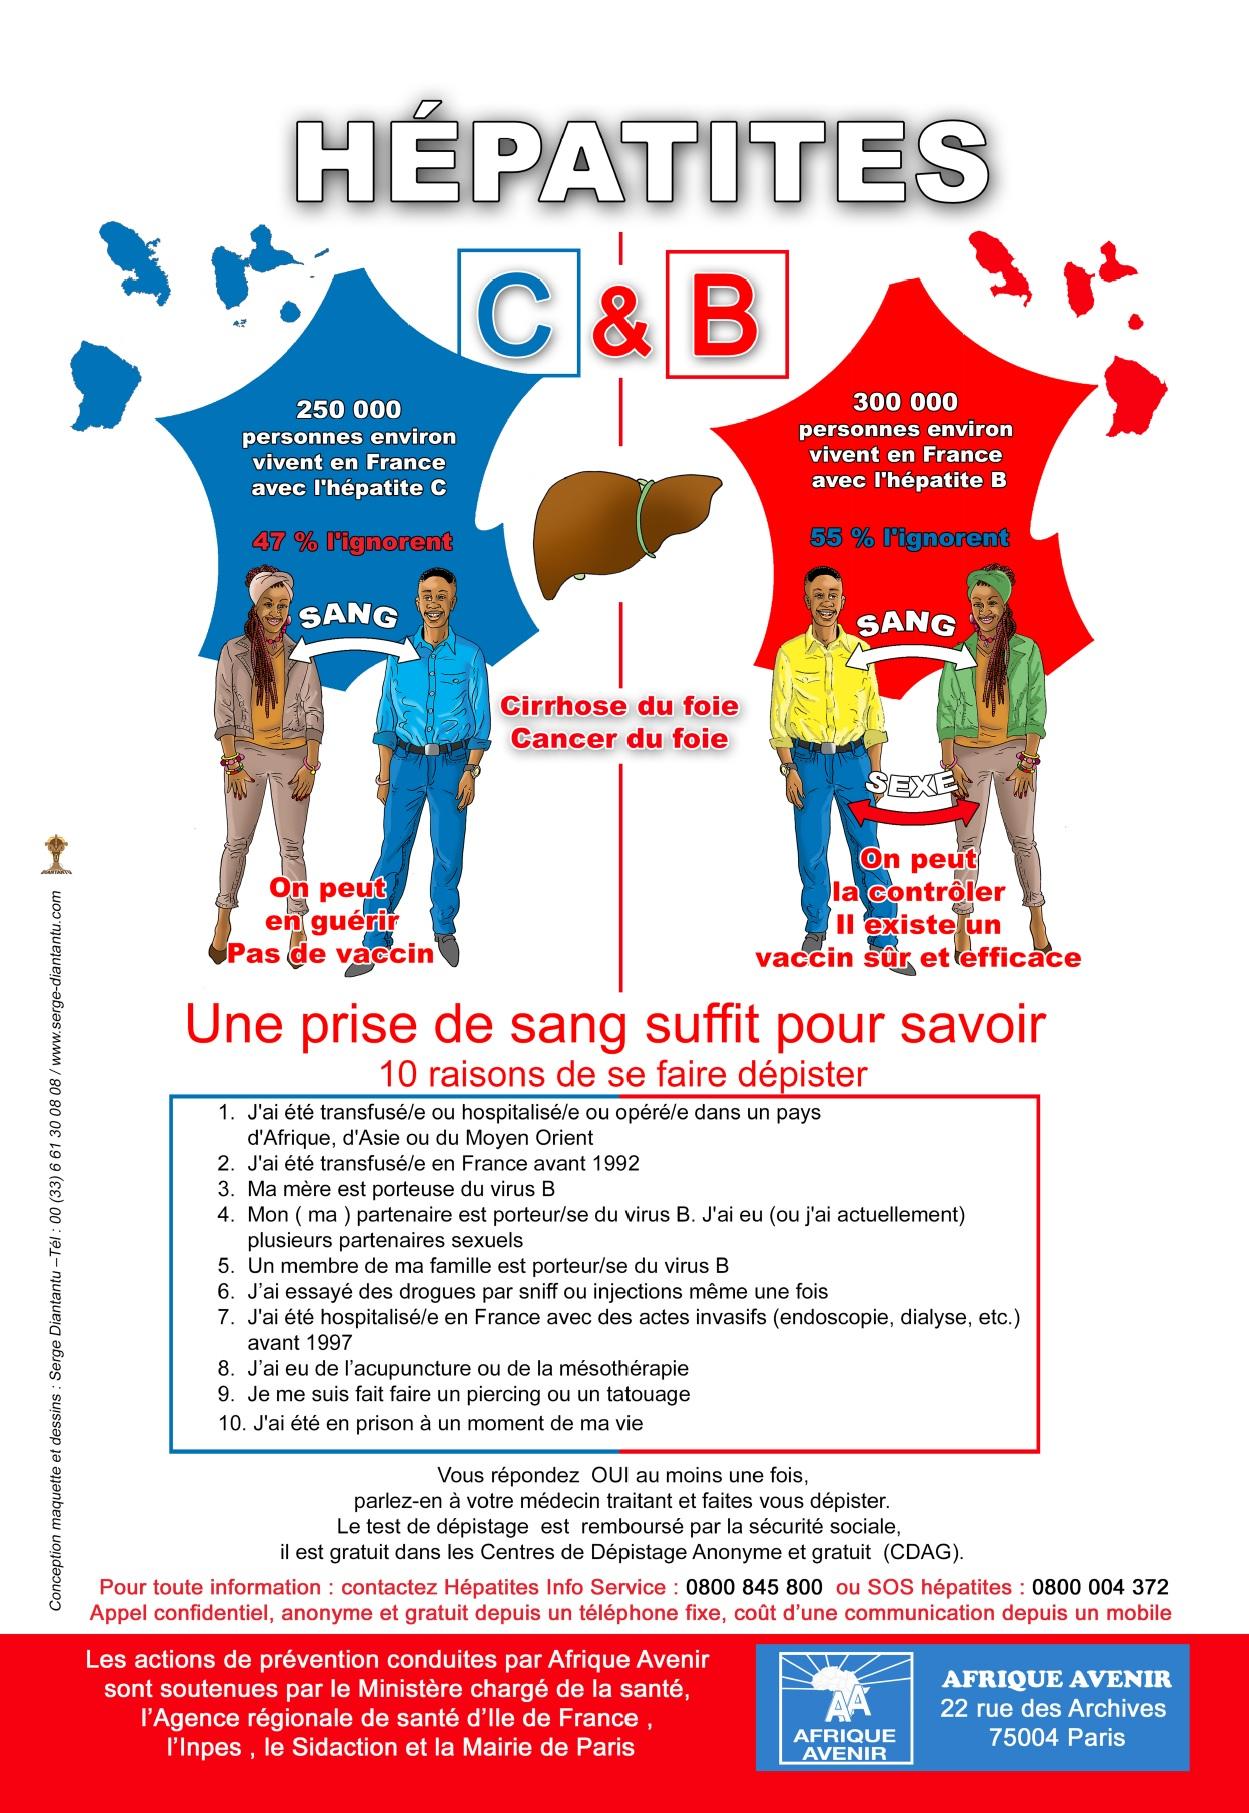 10 RAISONS POUR FAIRE UN DEPISTAGE DES HEPATITES B ET C